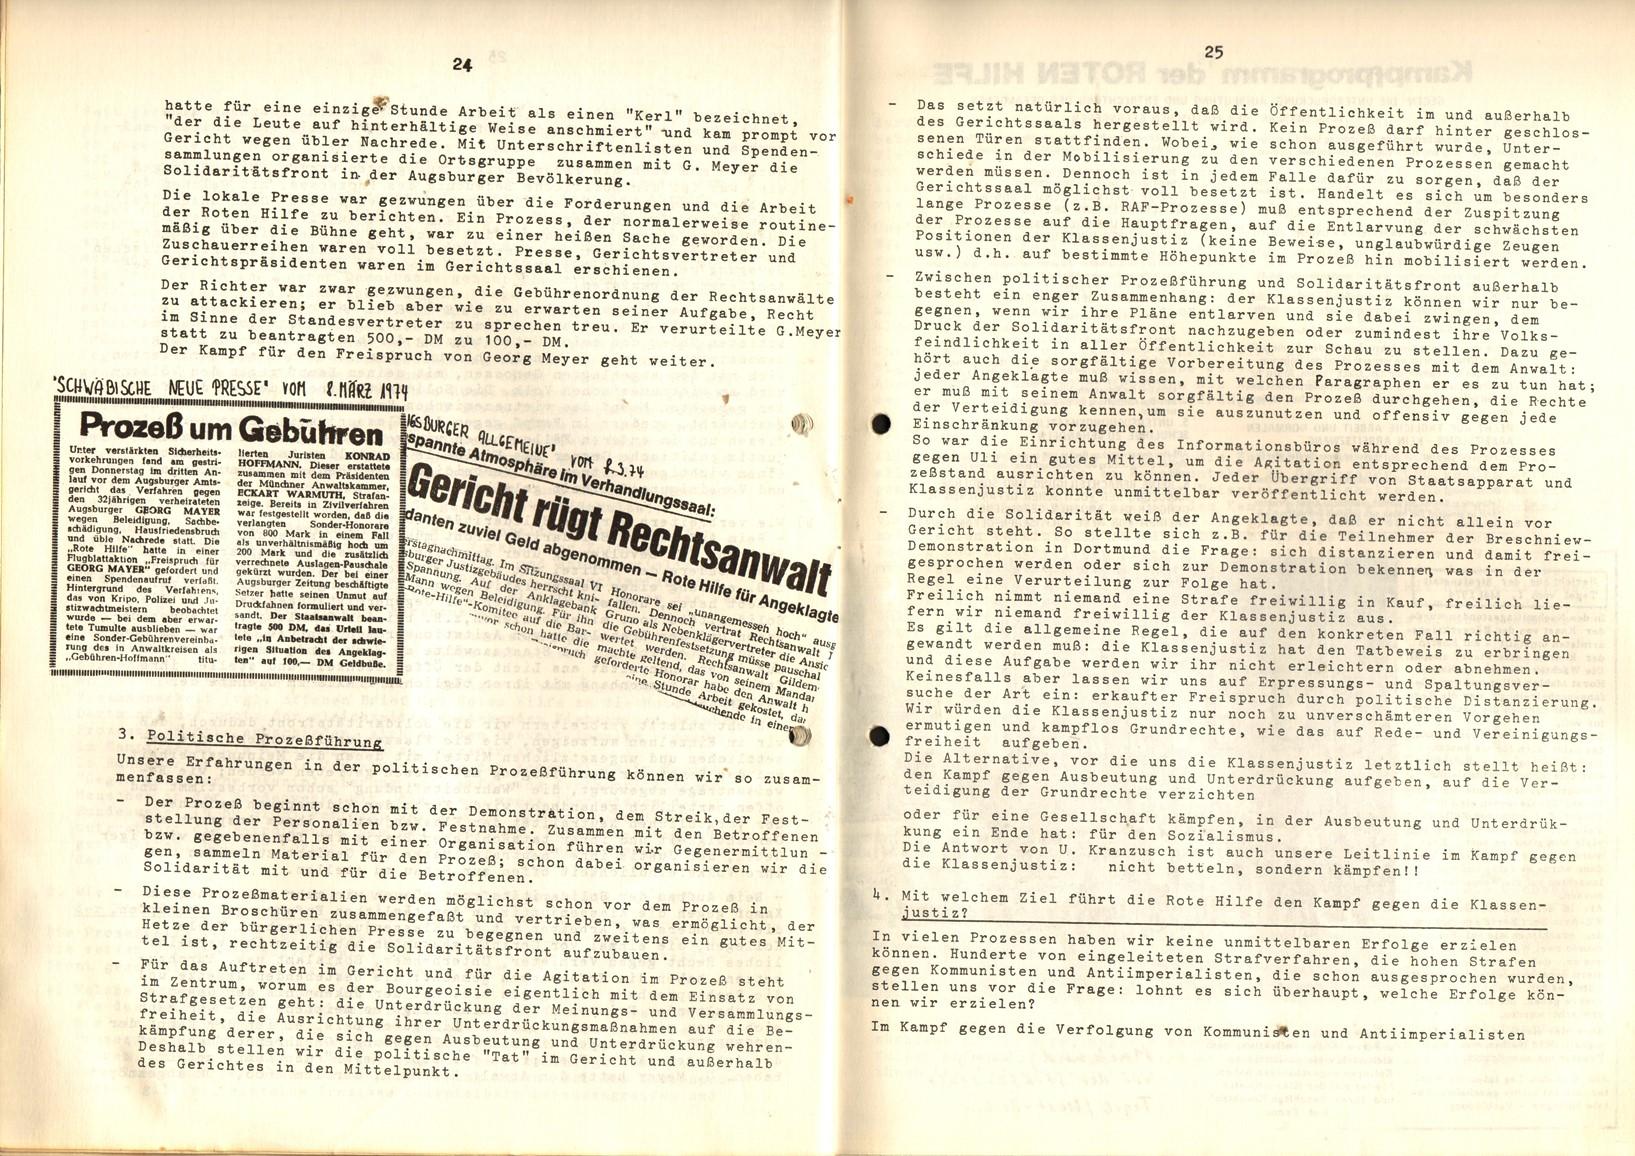 Dortmund_RHev_1974_Rechenschaftsbericht_14